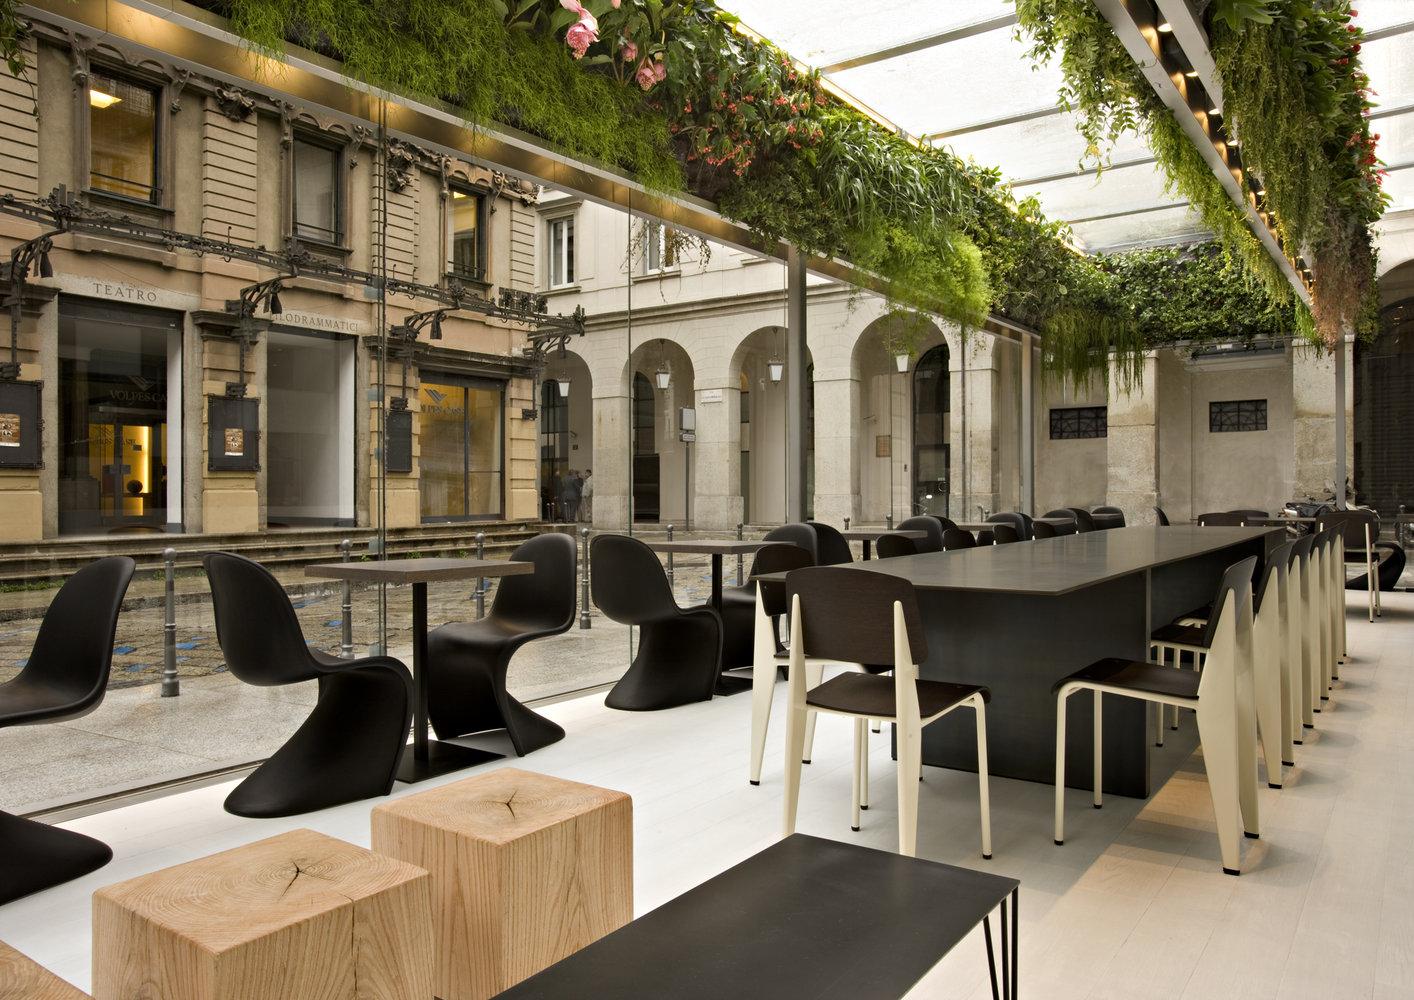 Caf trussardi milan - Interior design cafe milano ...